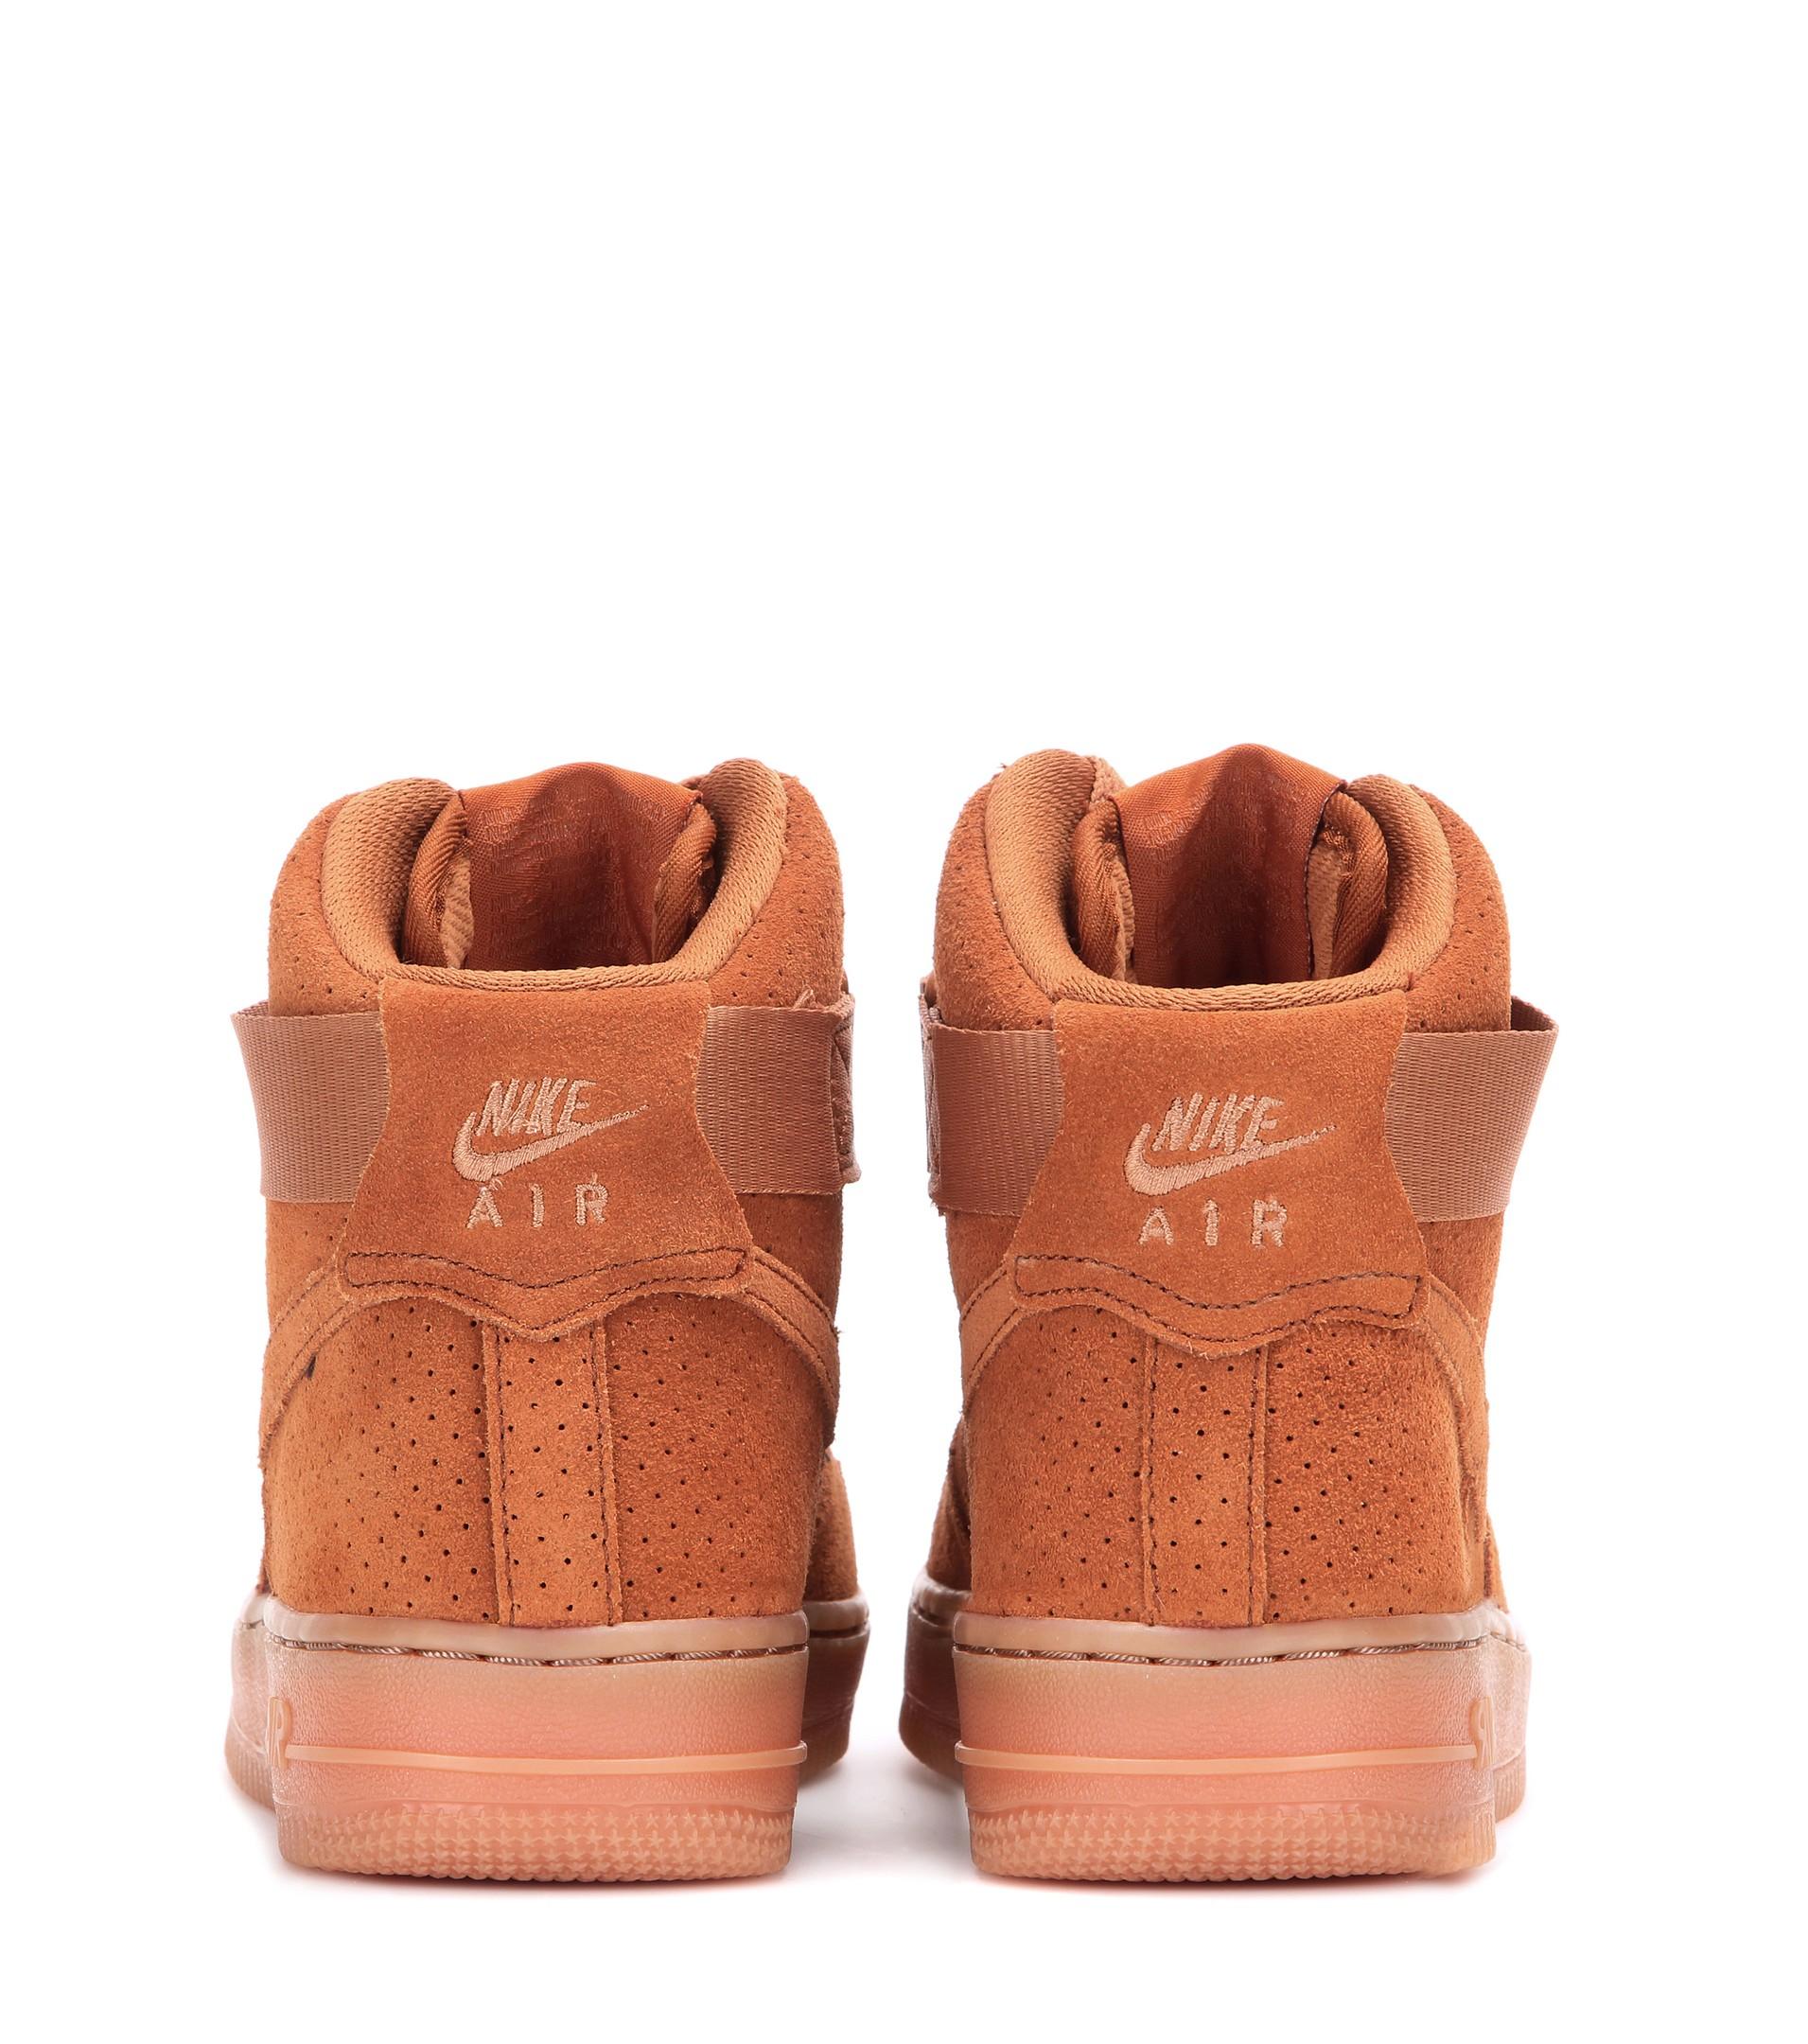 Lyst - Nike Air Force 1 Suede High-top Sneakers in Brown 5f2695473